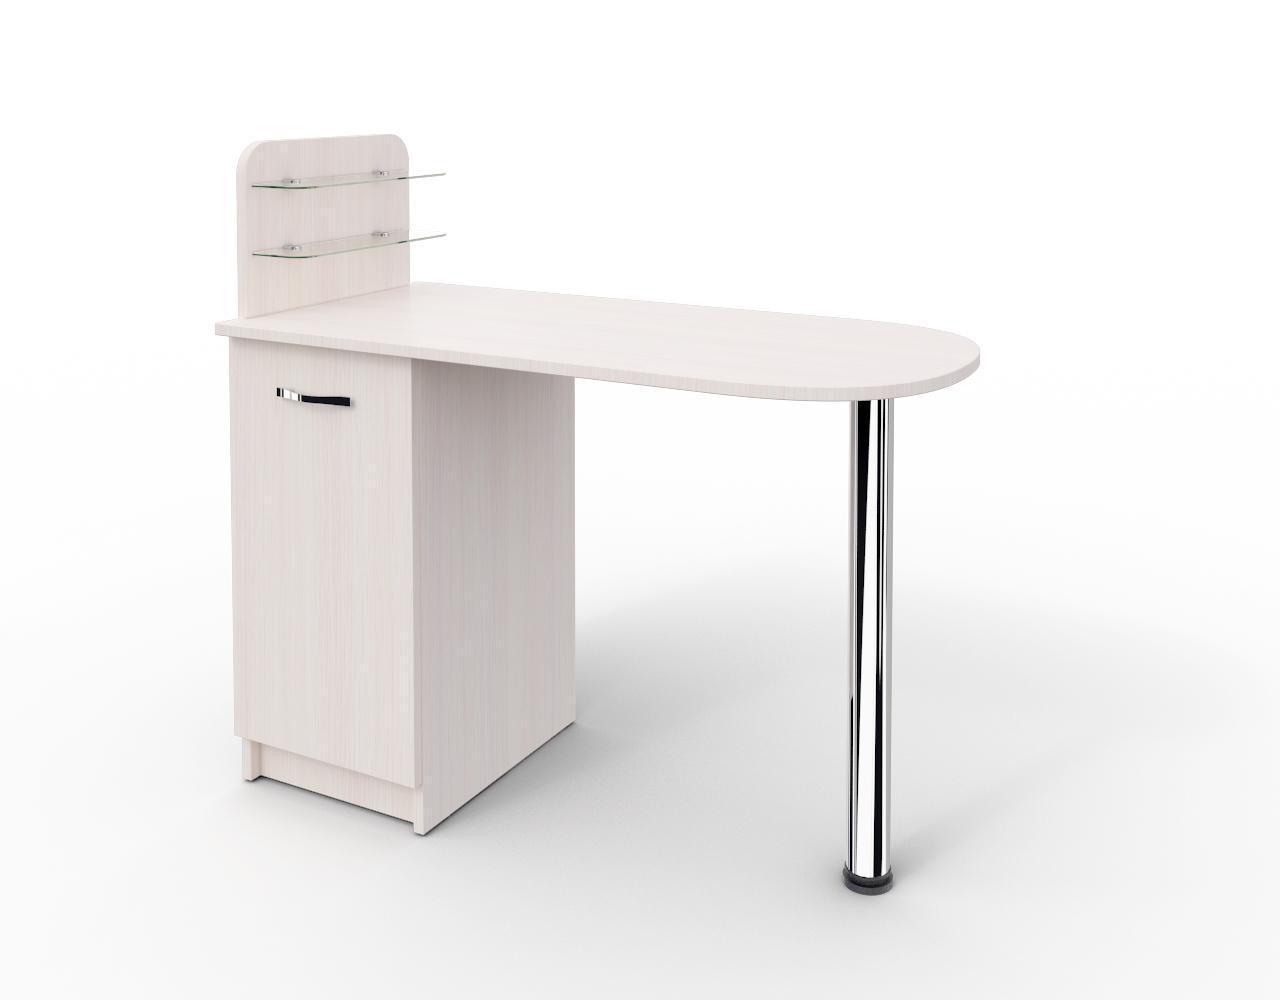 """Манікюрний стіл c поличками під лак """"Практик"""" Ваніль, Цільна"""